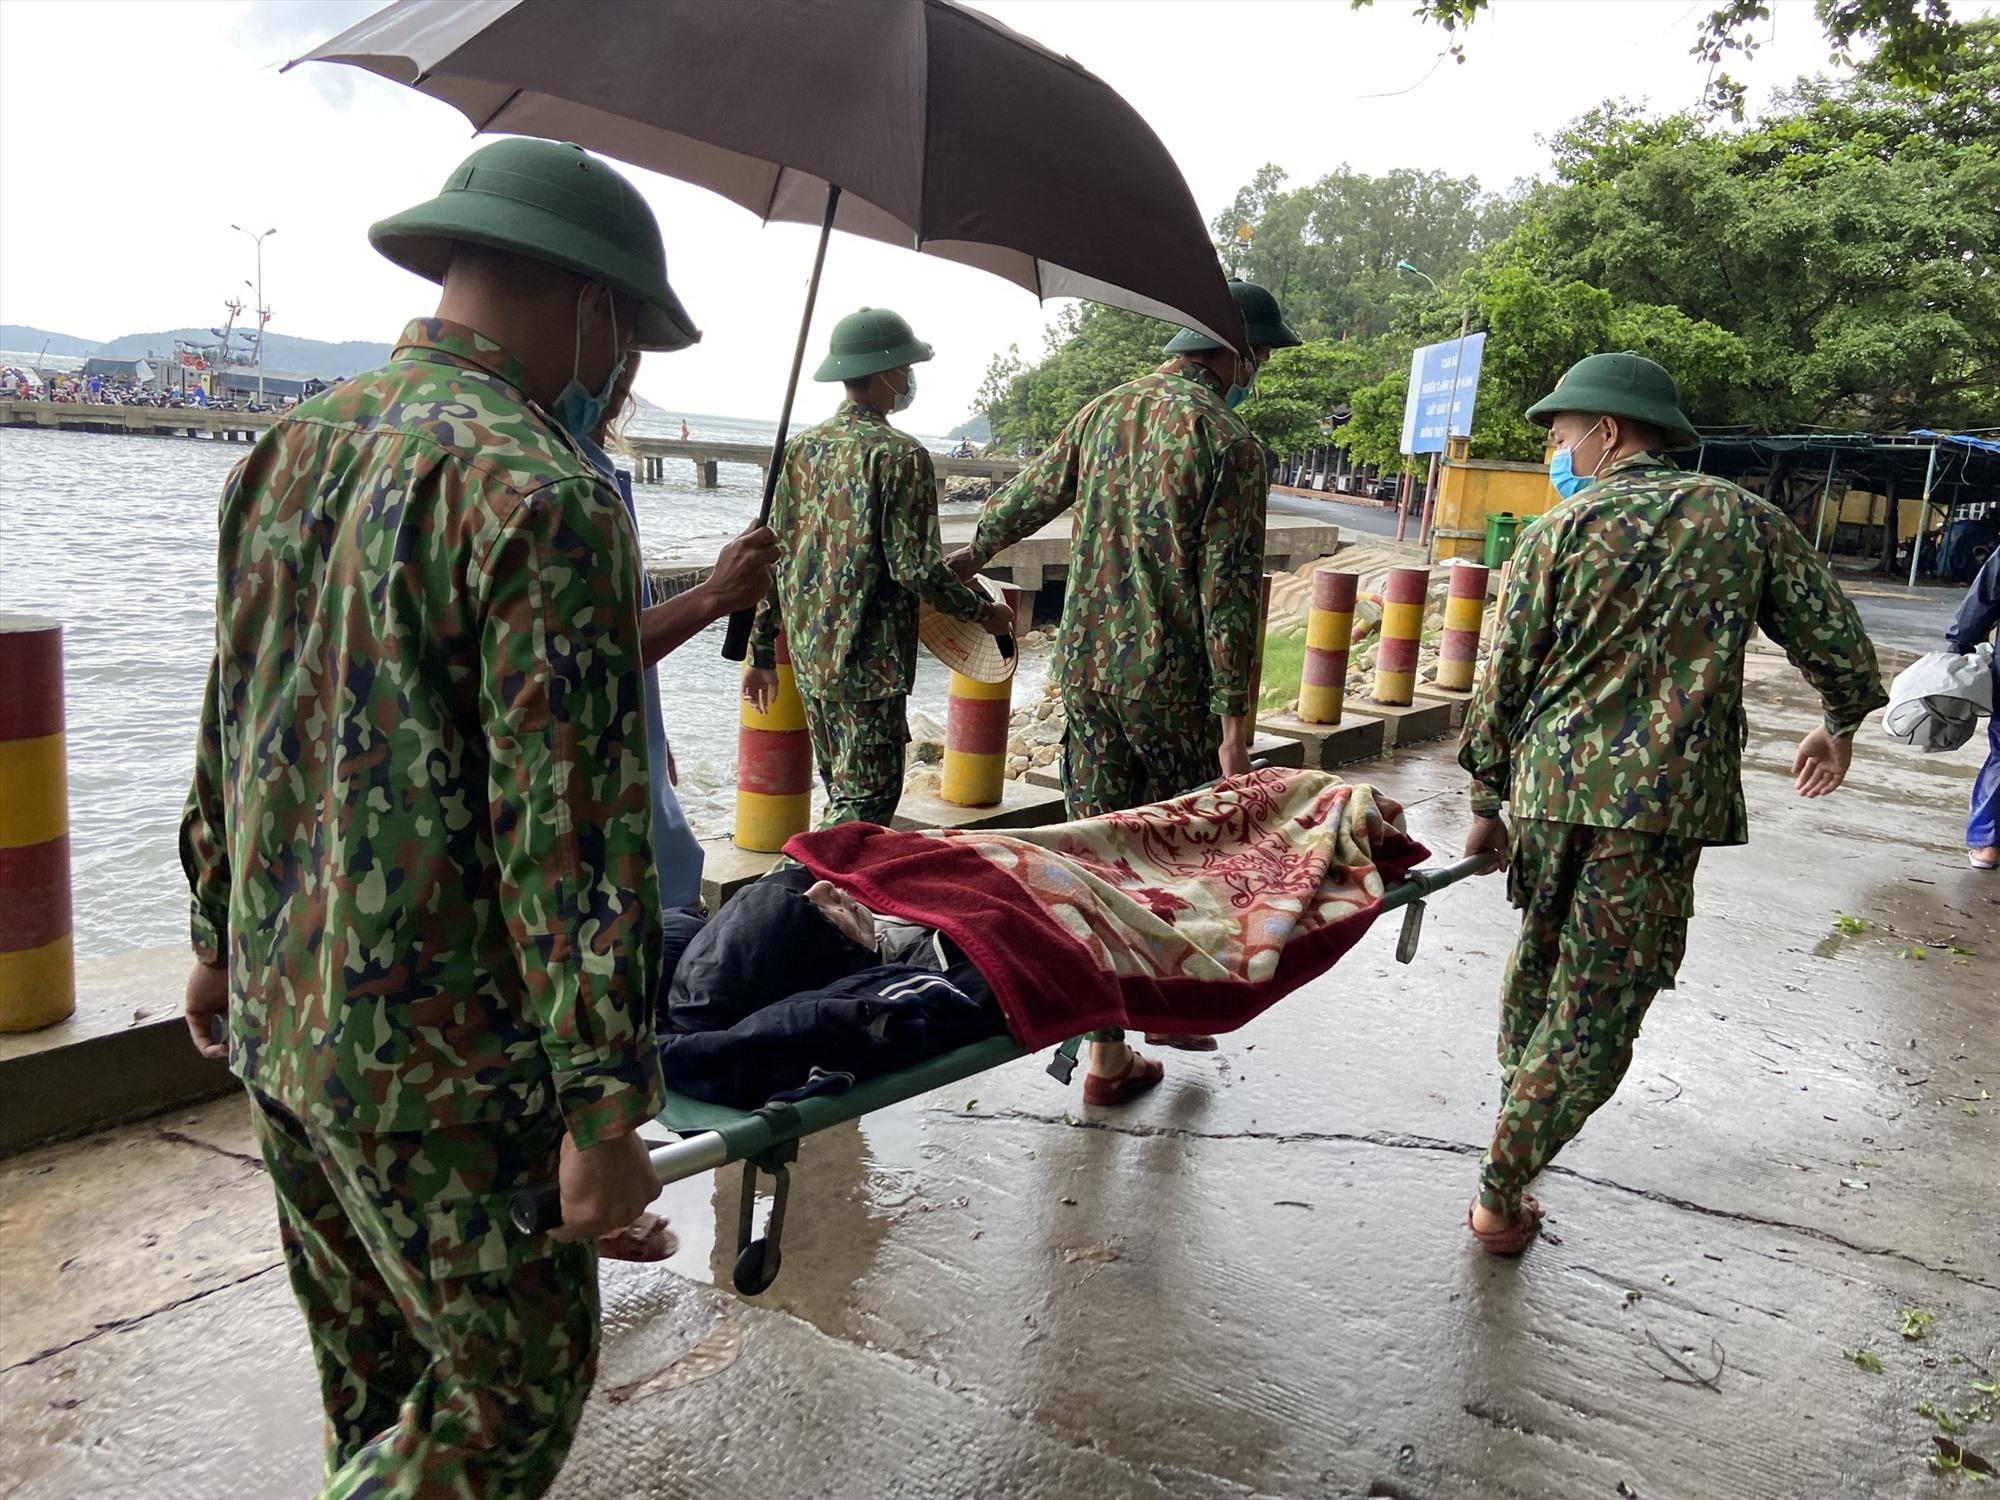 Đồn Biên phòng Cù Lao Chàm đưa người dân lên tàu SAR 274 để vào đất liền cấp cứu. Ảnh: HỒNG ANH